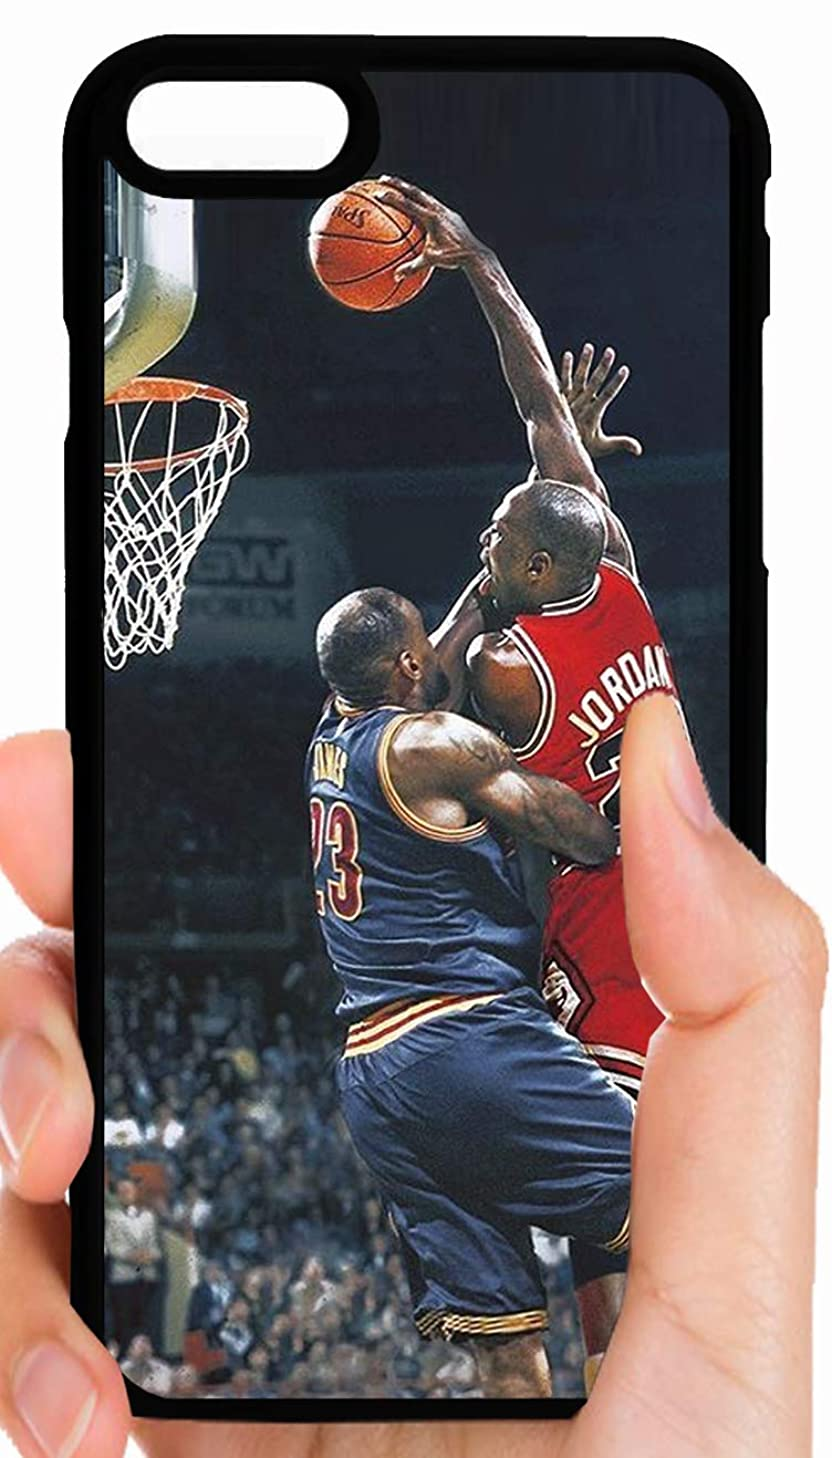 Jordan Dunks Over Lebron Bulls VS Cavs Legendary Goat Basketball Phone Case Cover - Select Model